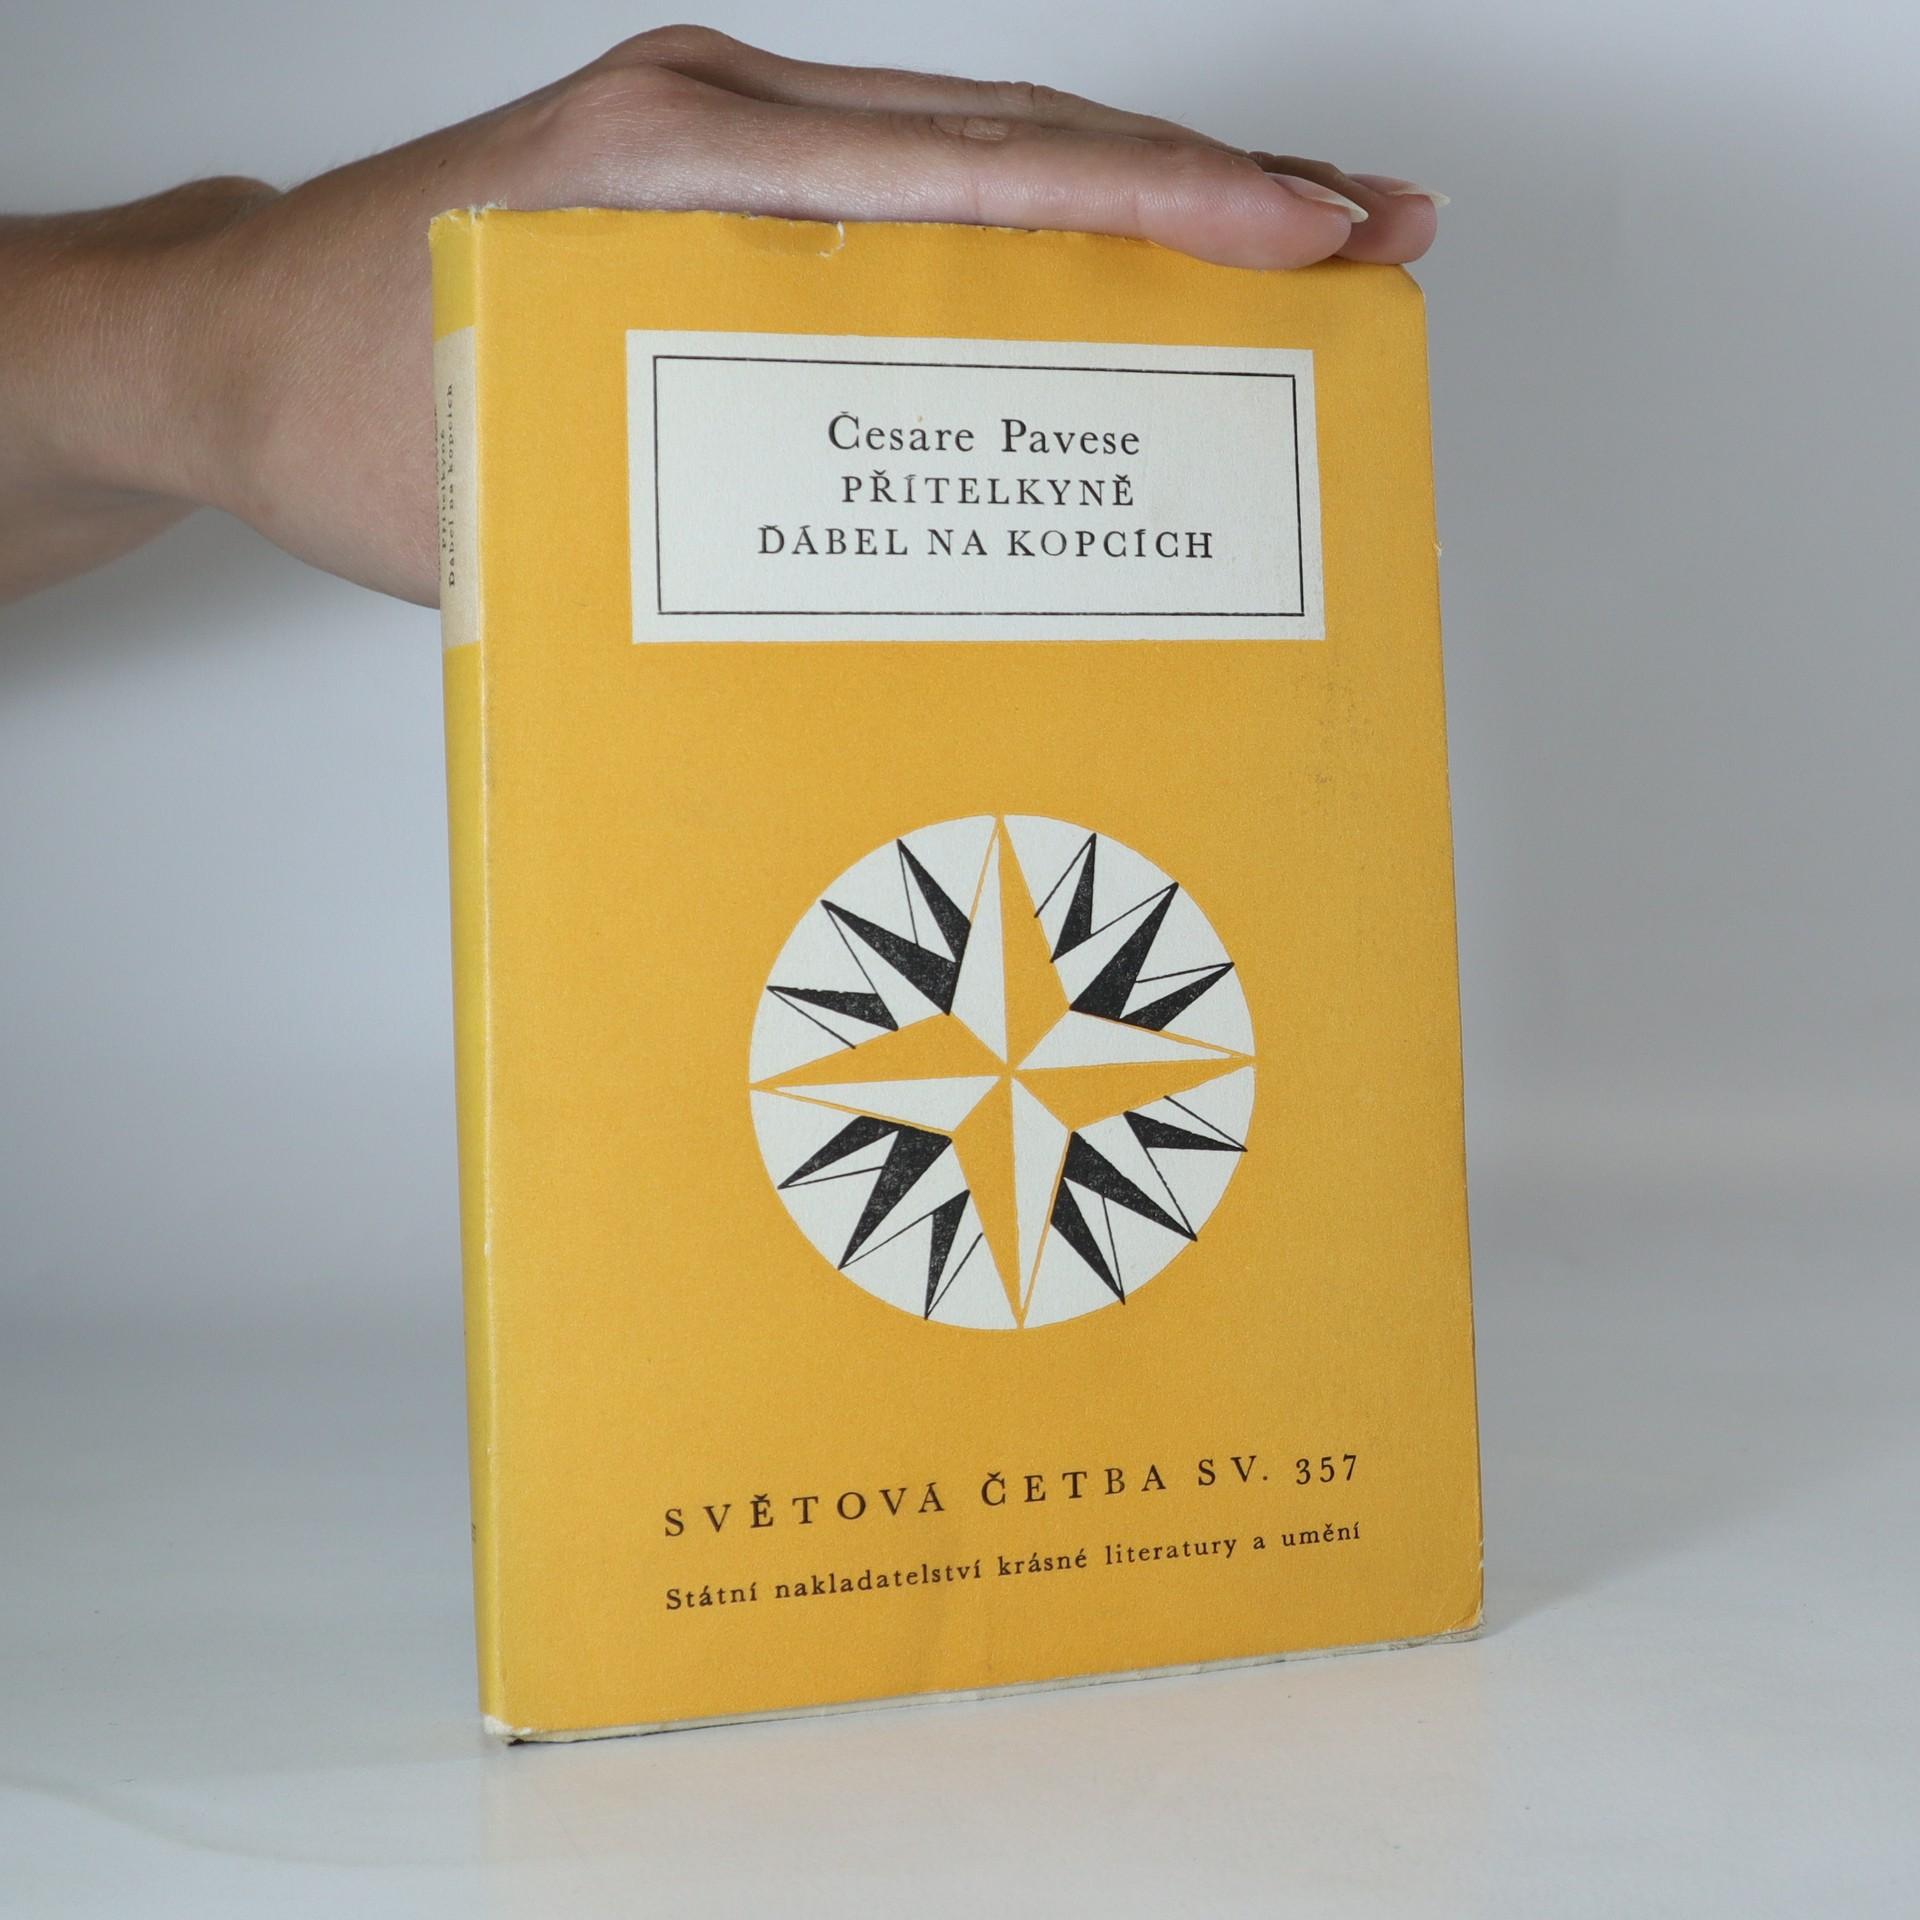 antikvární kniha Přítelkyně. Ďábel na kopcích, 1965